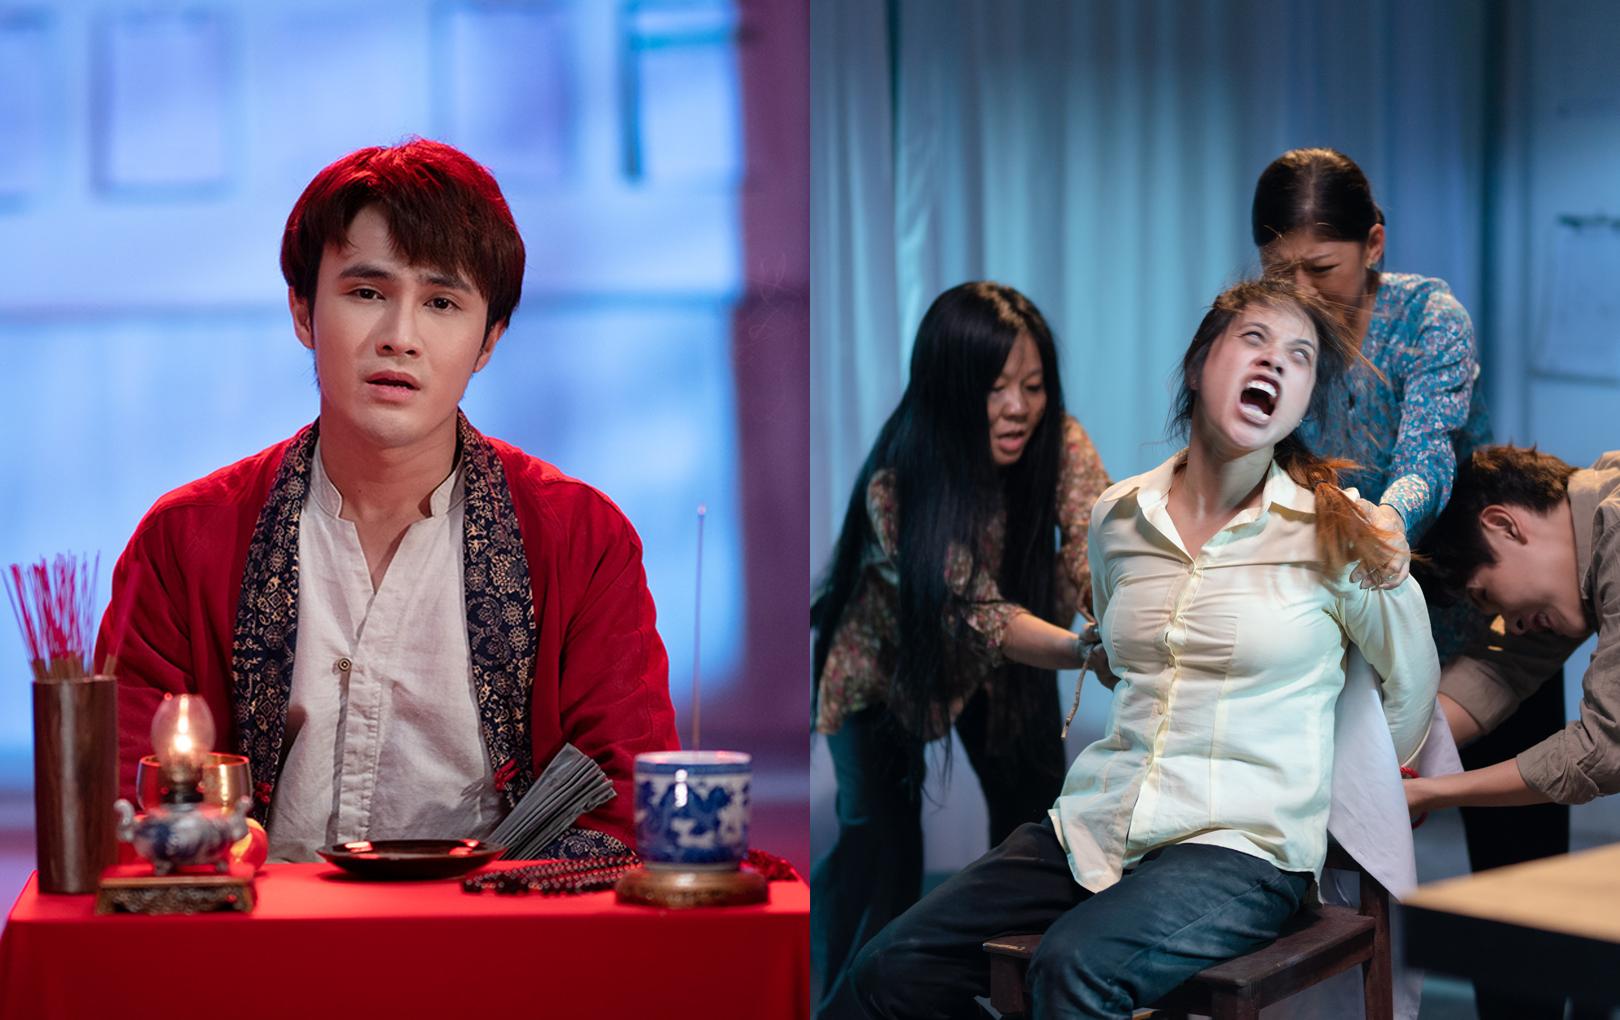 Huỳnh Lập khiến khán giả nổi da gà với câu chuyện độc đáo về Ma trạm xá trong tập 4 – Một nén nhang